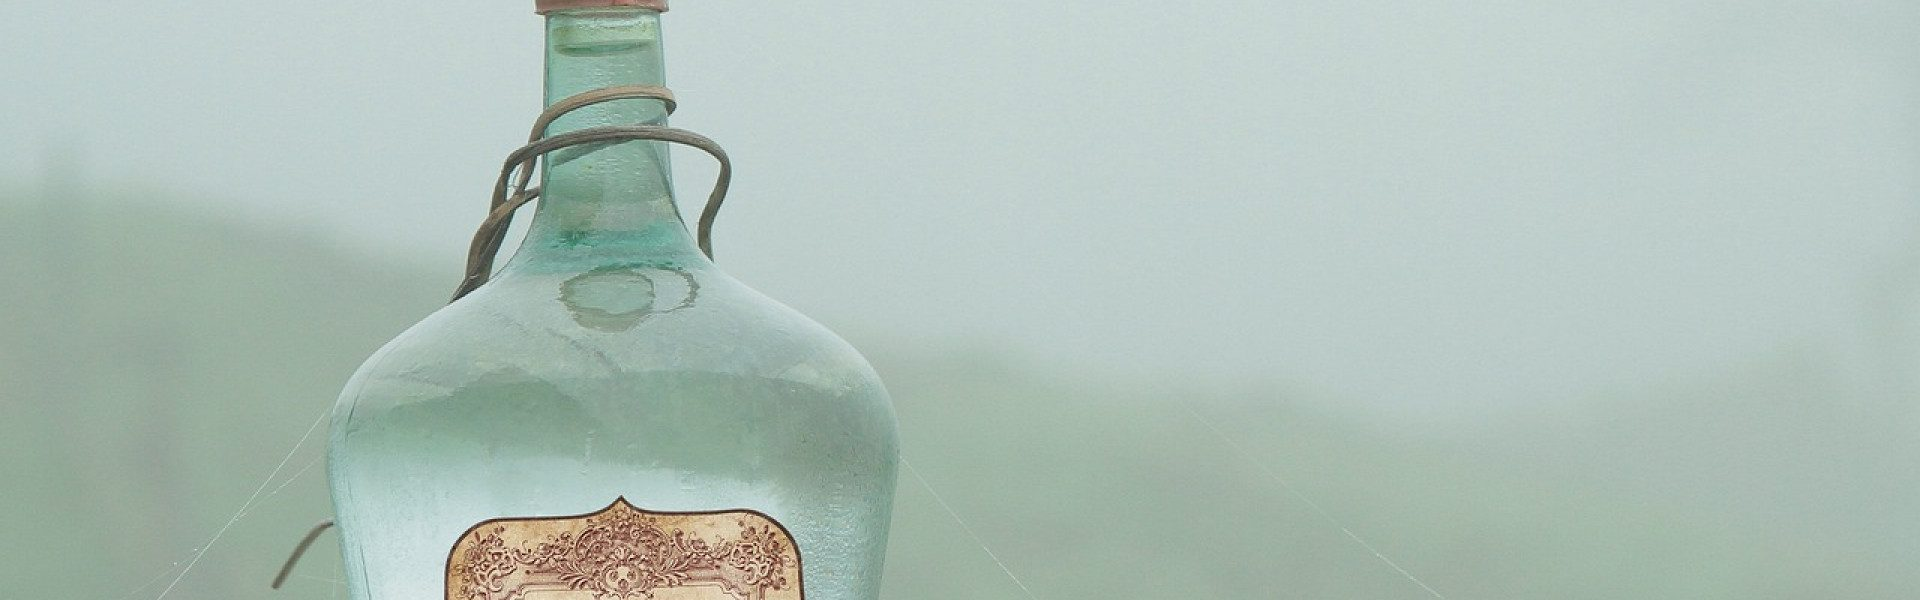 Comment doit se présenter une fiole de e-liquides ?